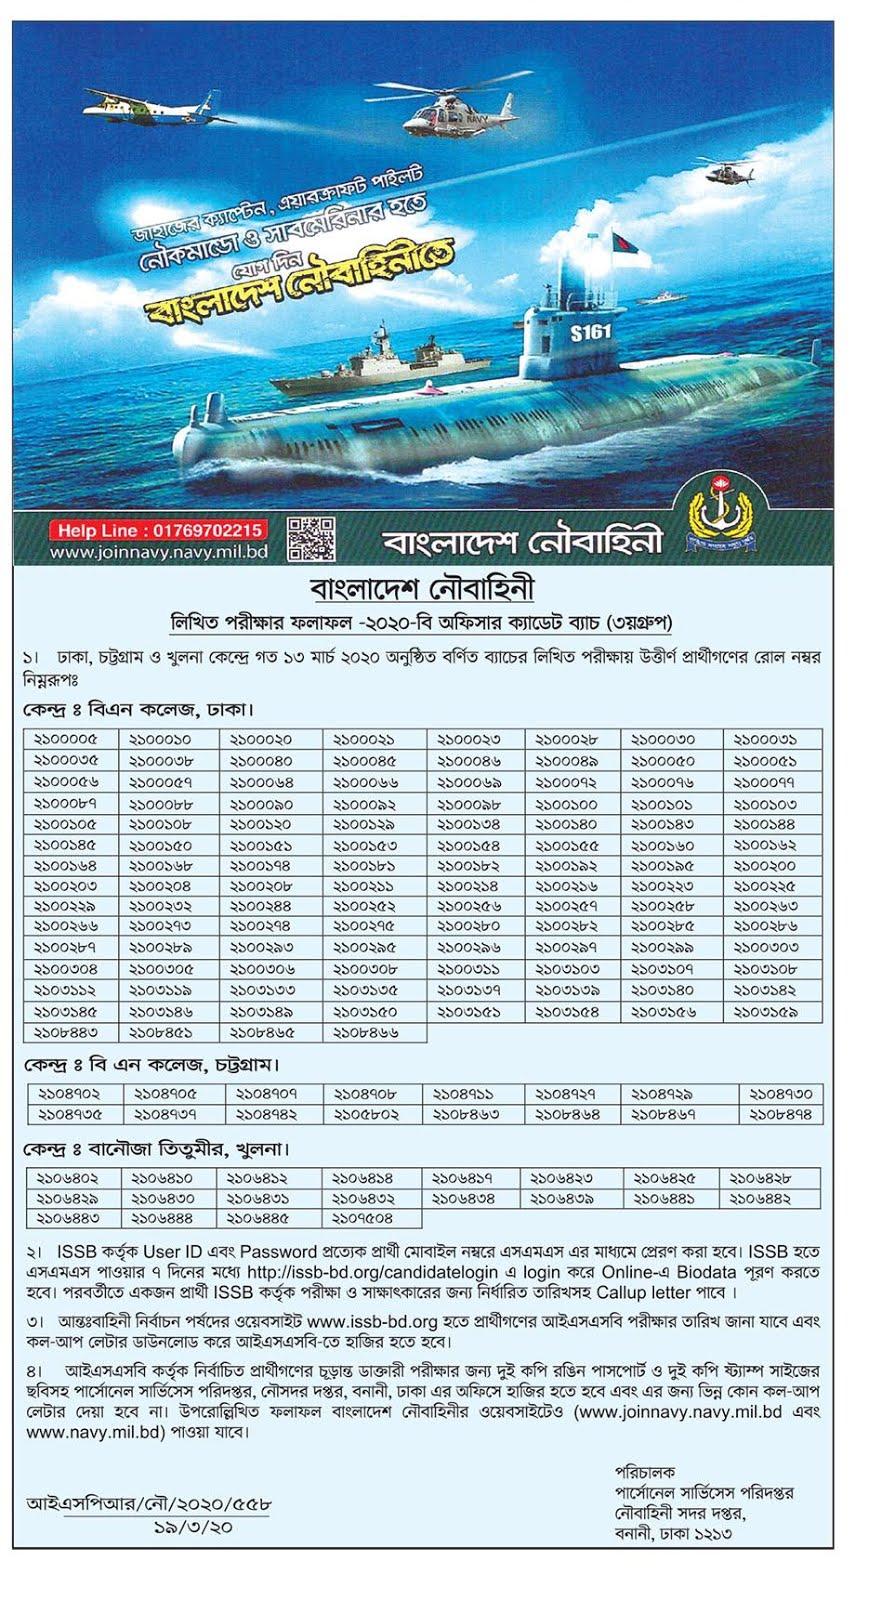 বাংলাদেশ নৌবাহিনী লিখিত পরিক্ষার ফলাফল